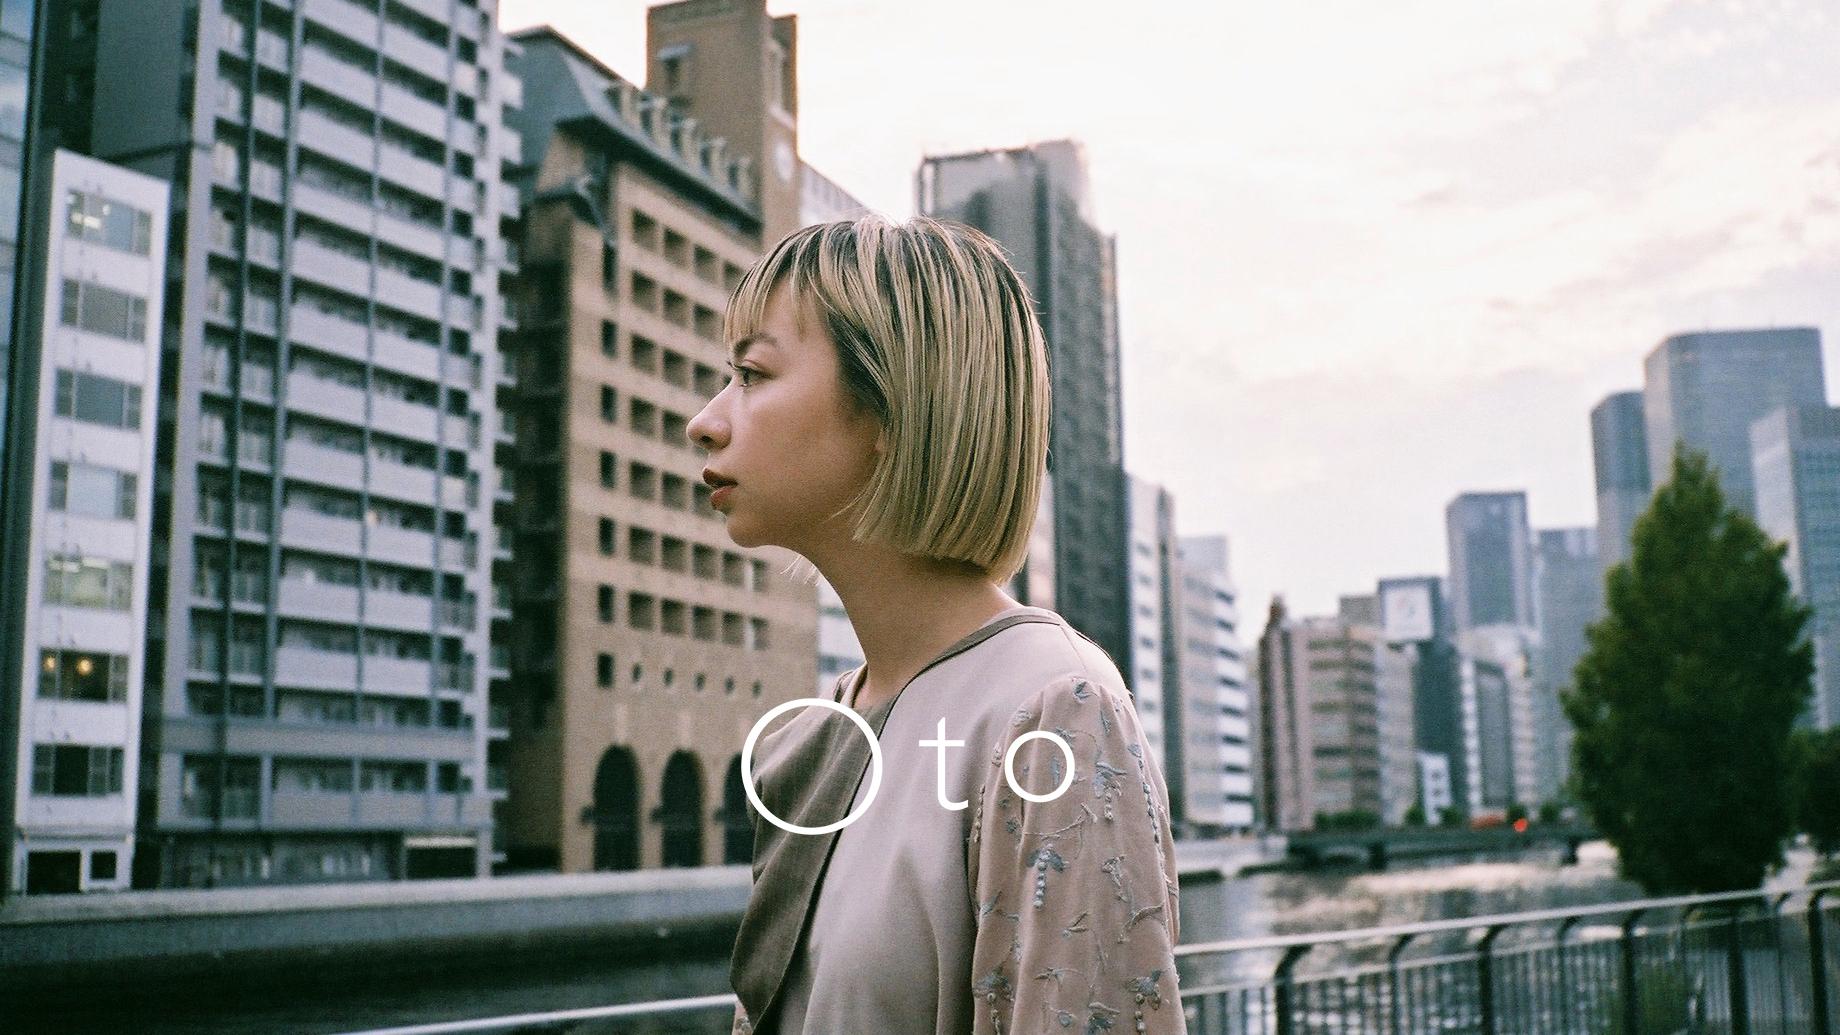 大阪府枚方市にある美容室Oto(オト)